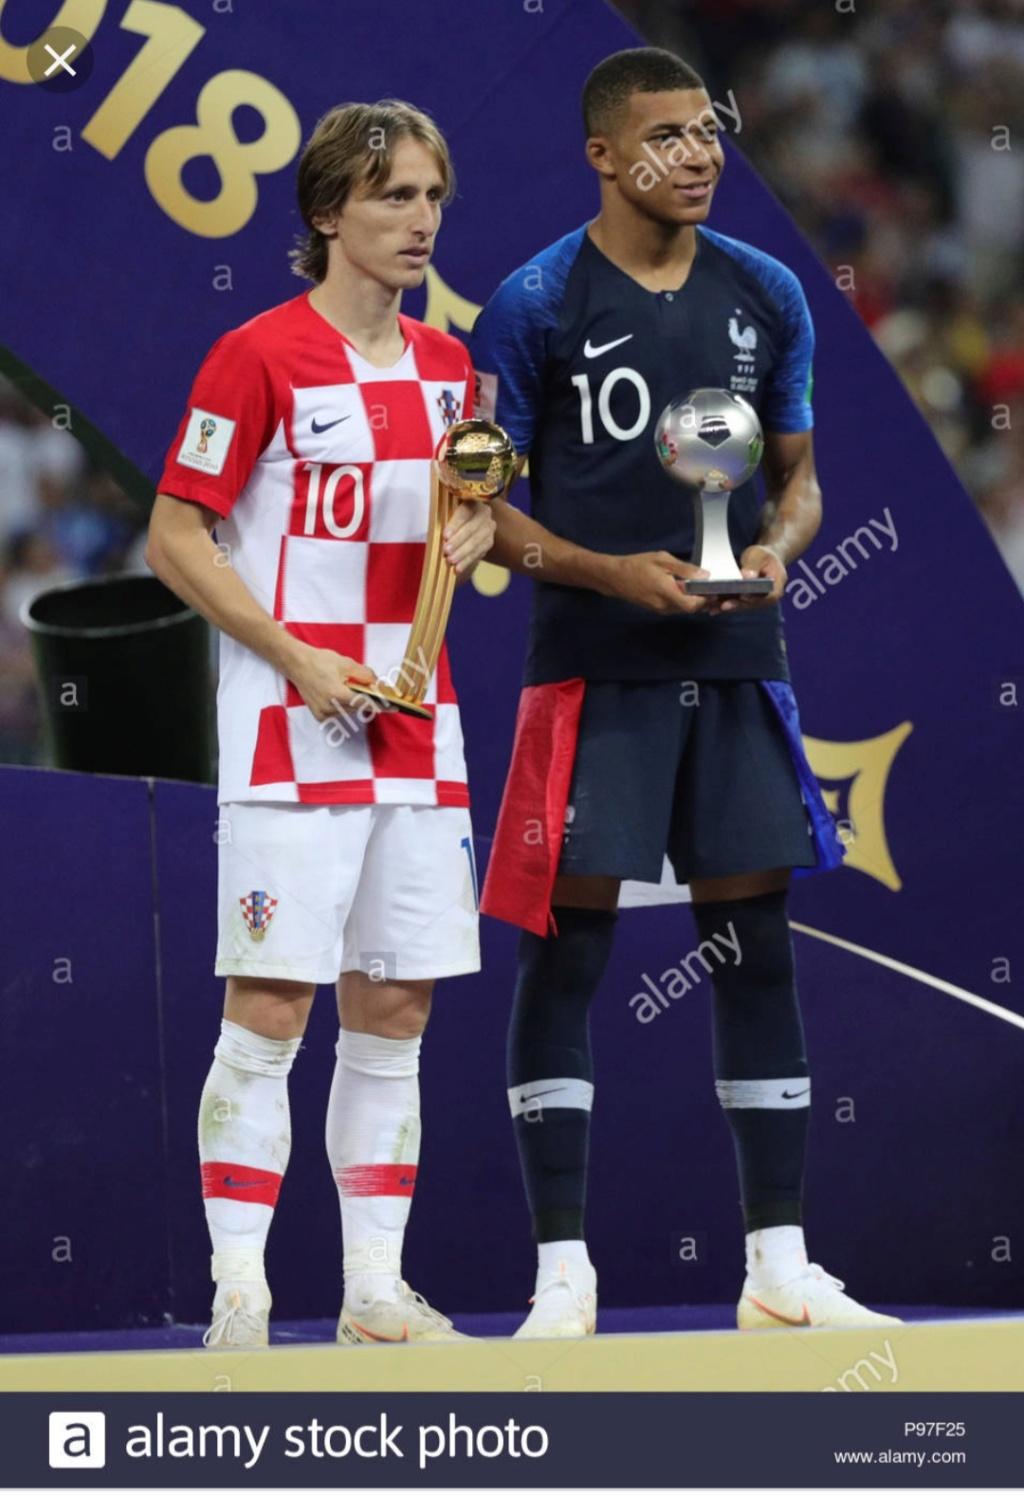 ¿Cuánto mide Kylian Mbappé? - Real height Img_2300